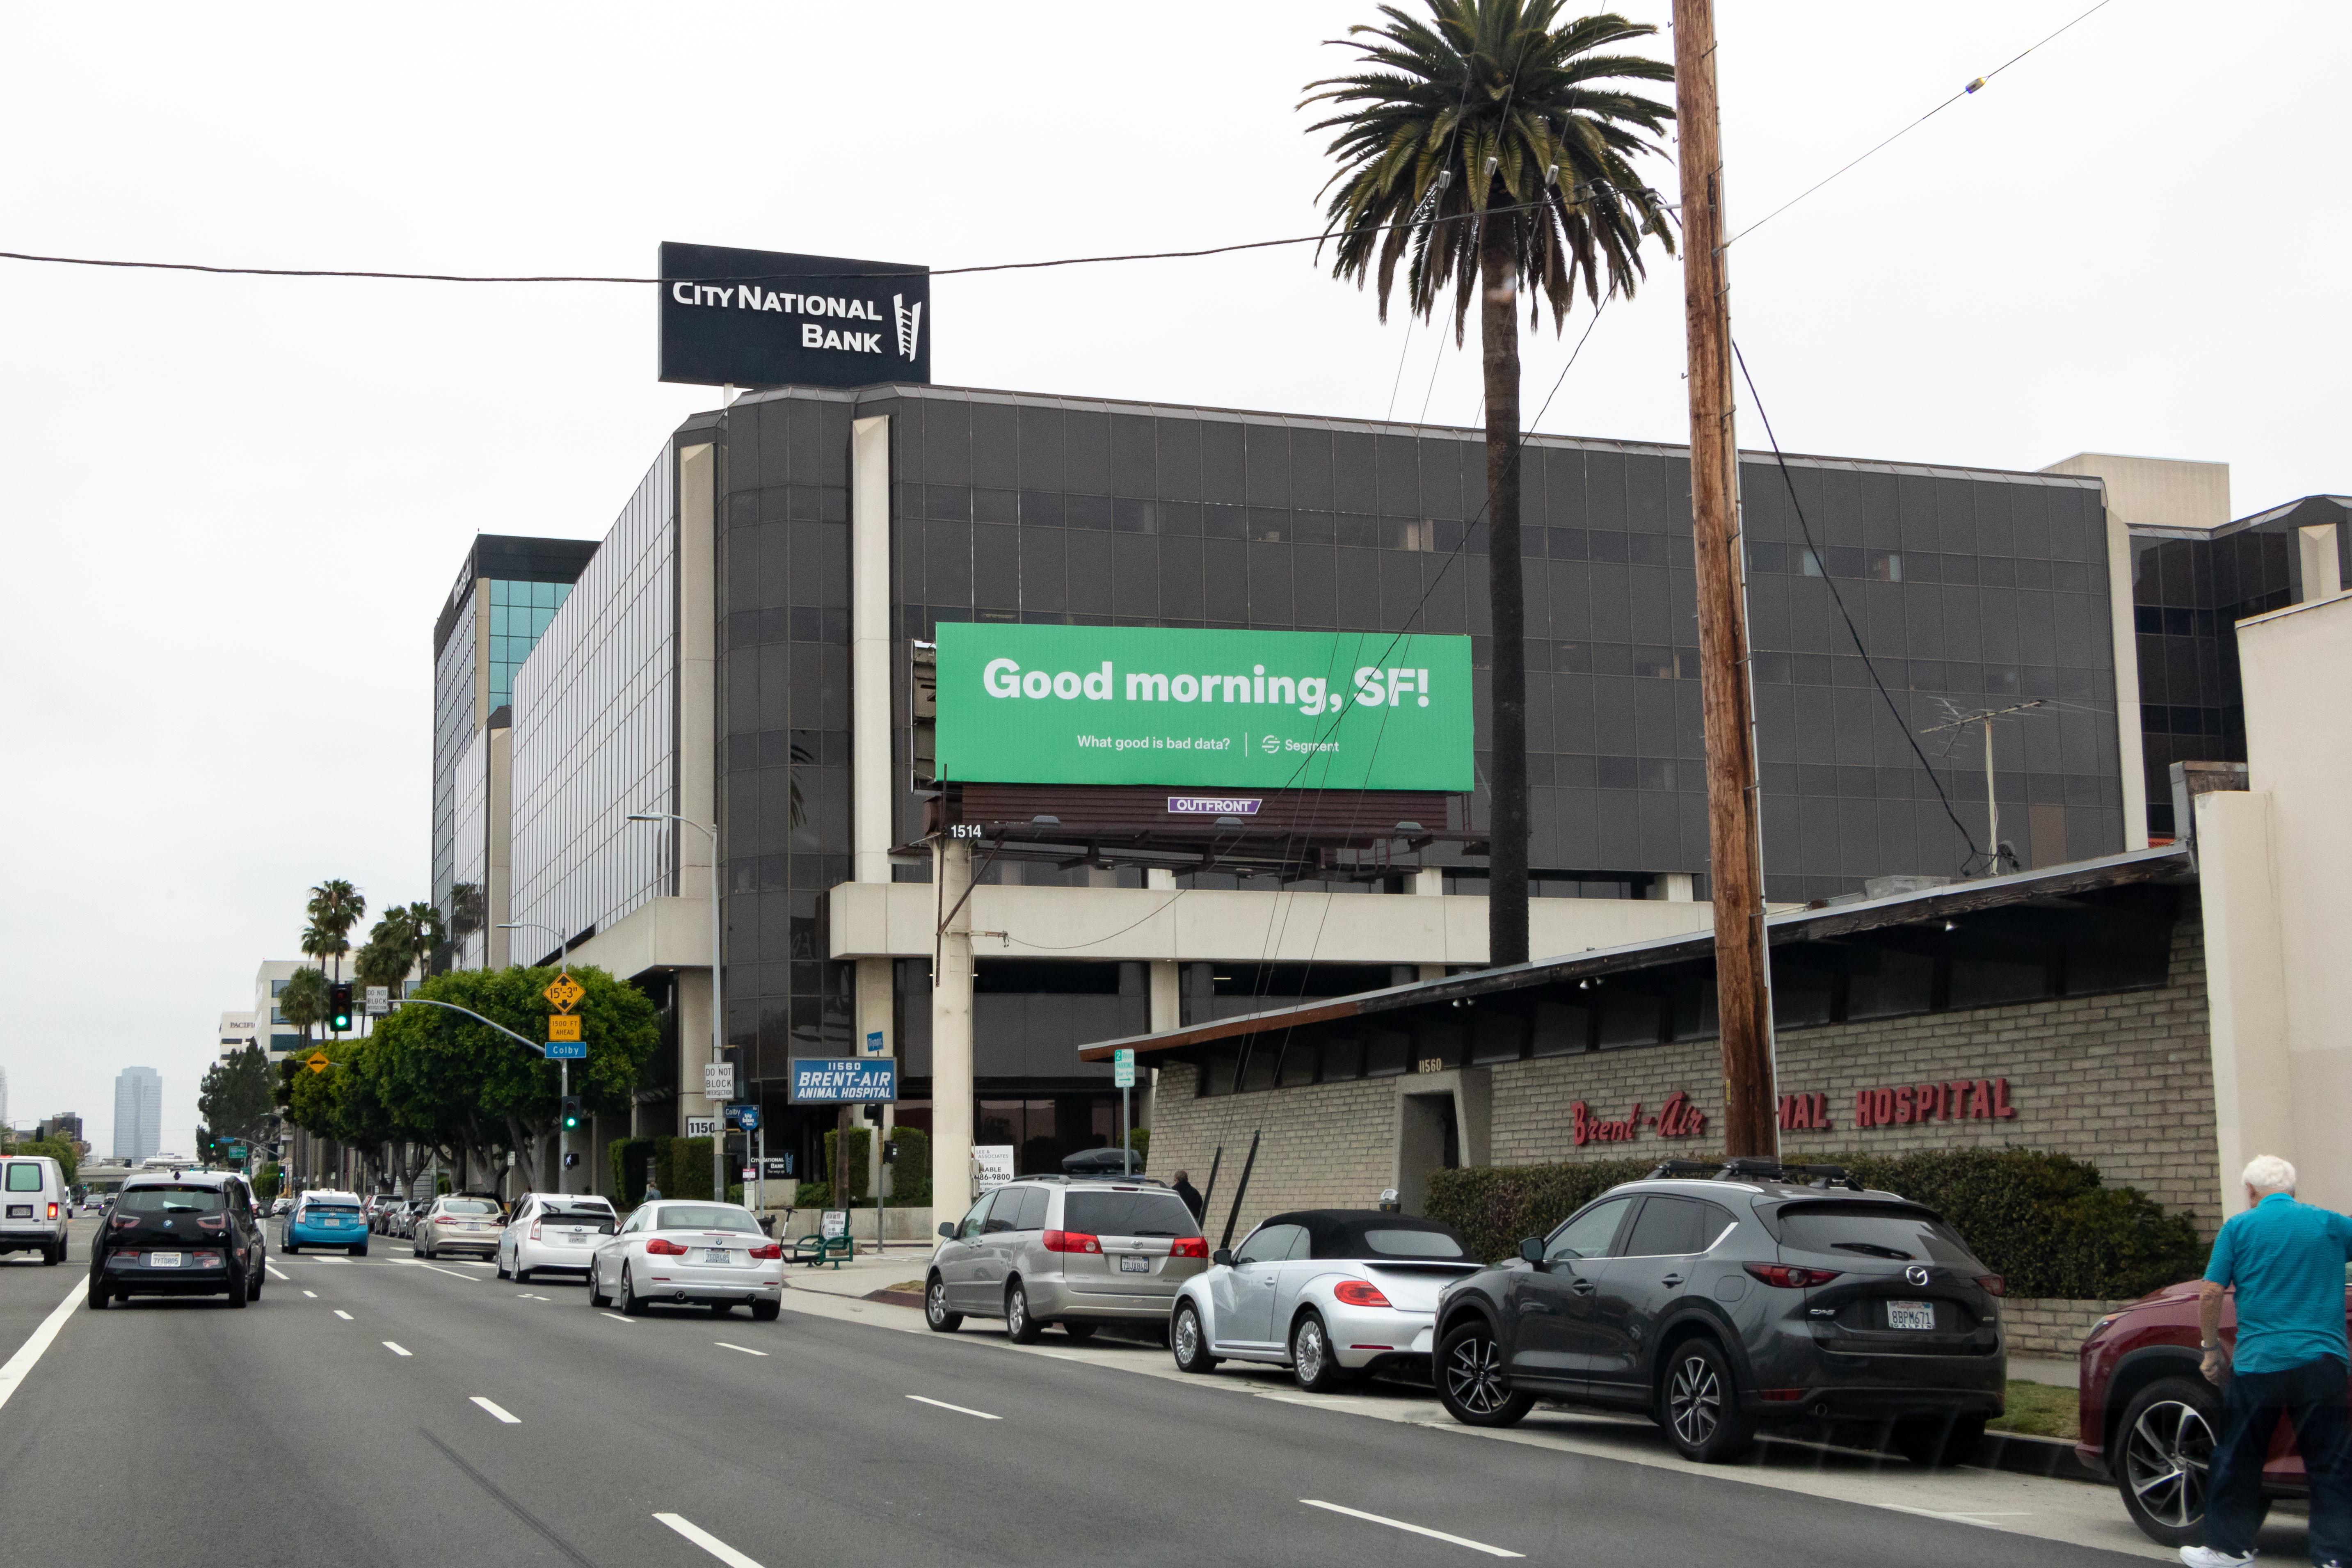 Actual location: Los Angeles